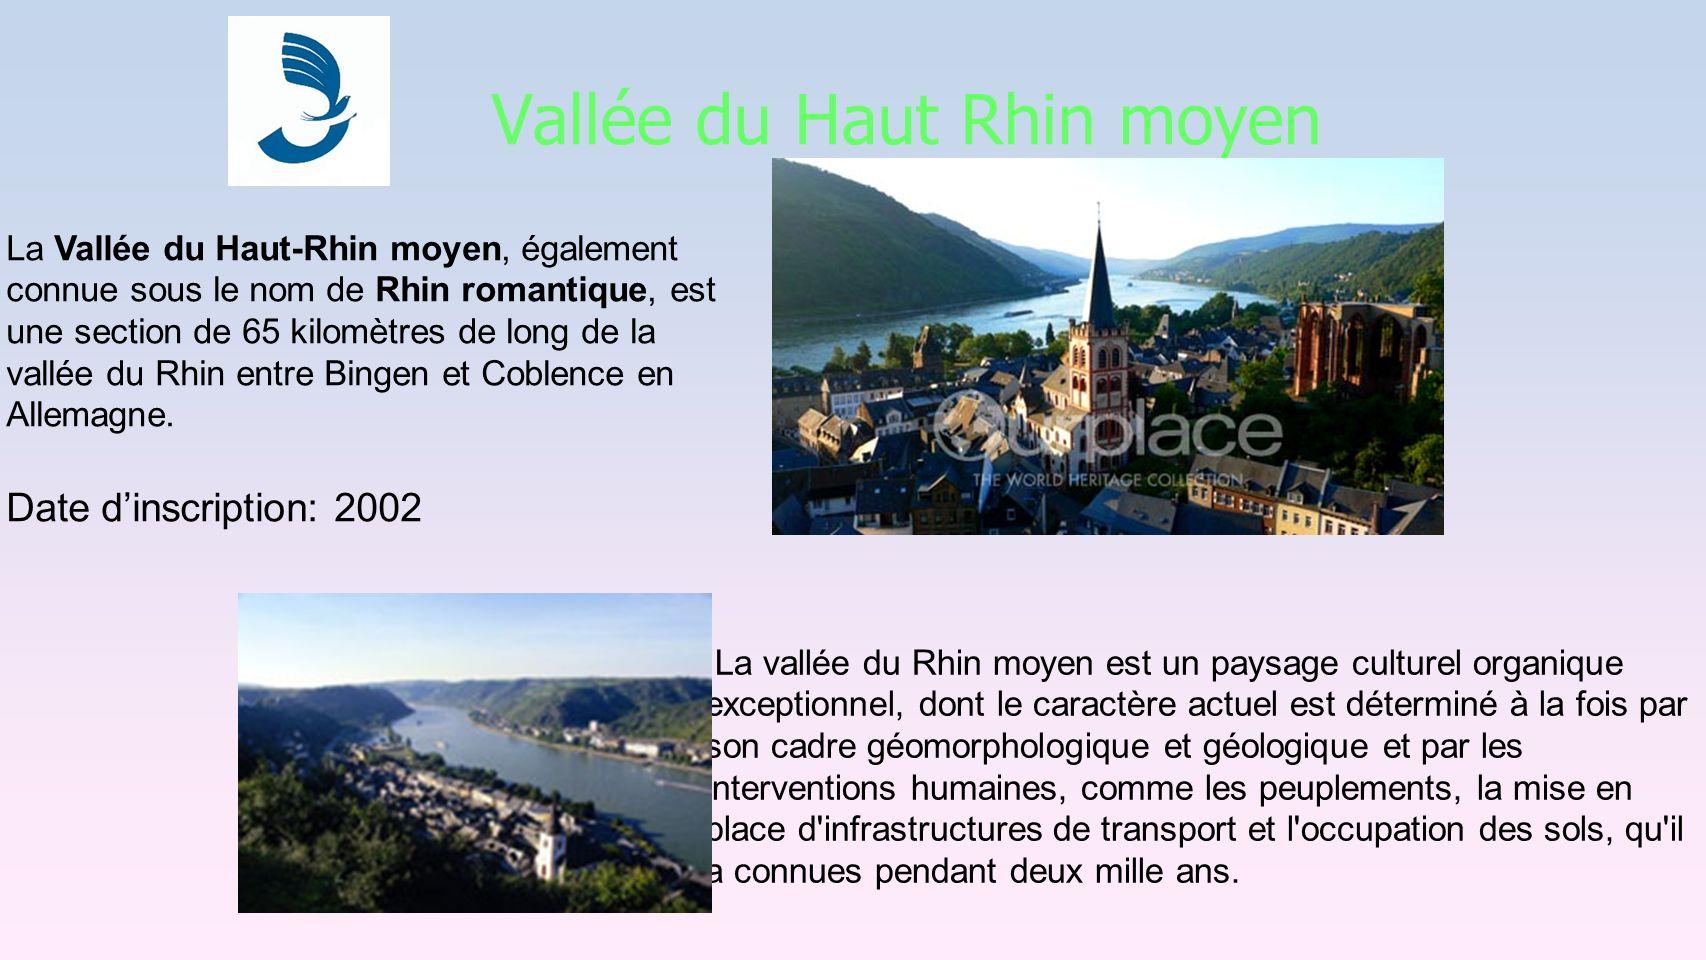 Vallée du Haut Rhin moyen La Vallée du Haut-Rhin moyen, également connue sous le nom de Rhin romantique, est une section de 65 kilomètres de long de la vallée du Rhin entre Bingen et Coblence en Allemagne.